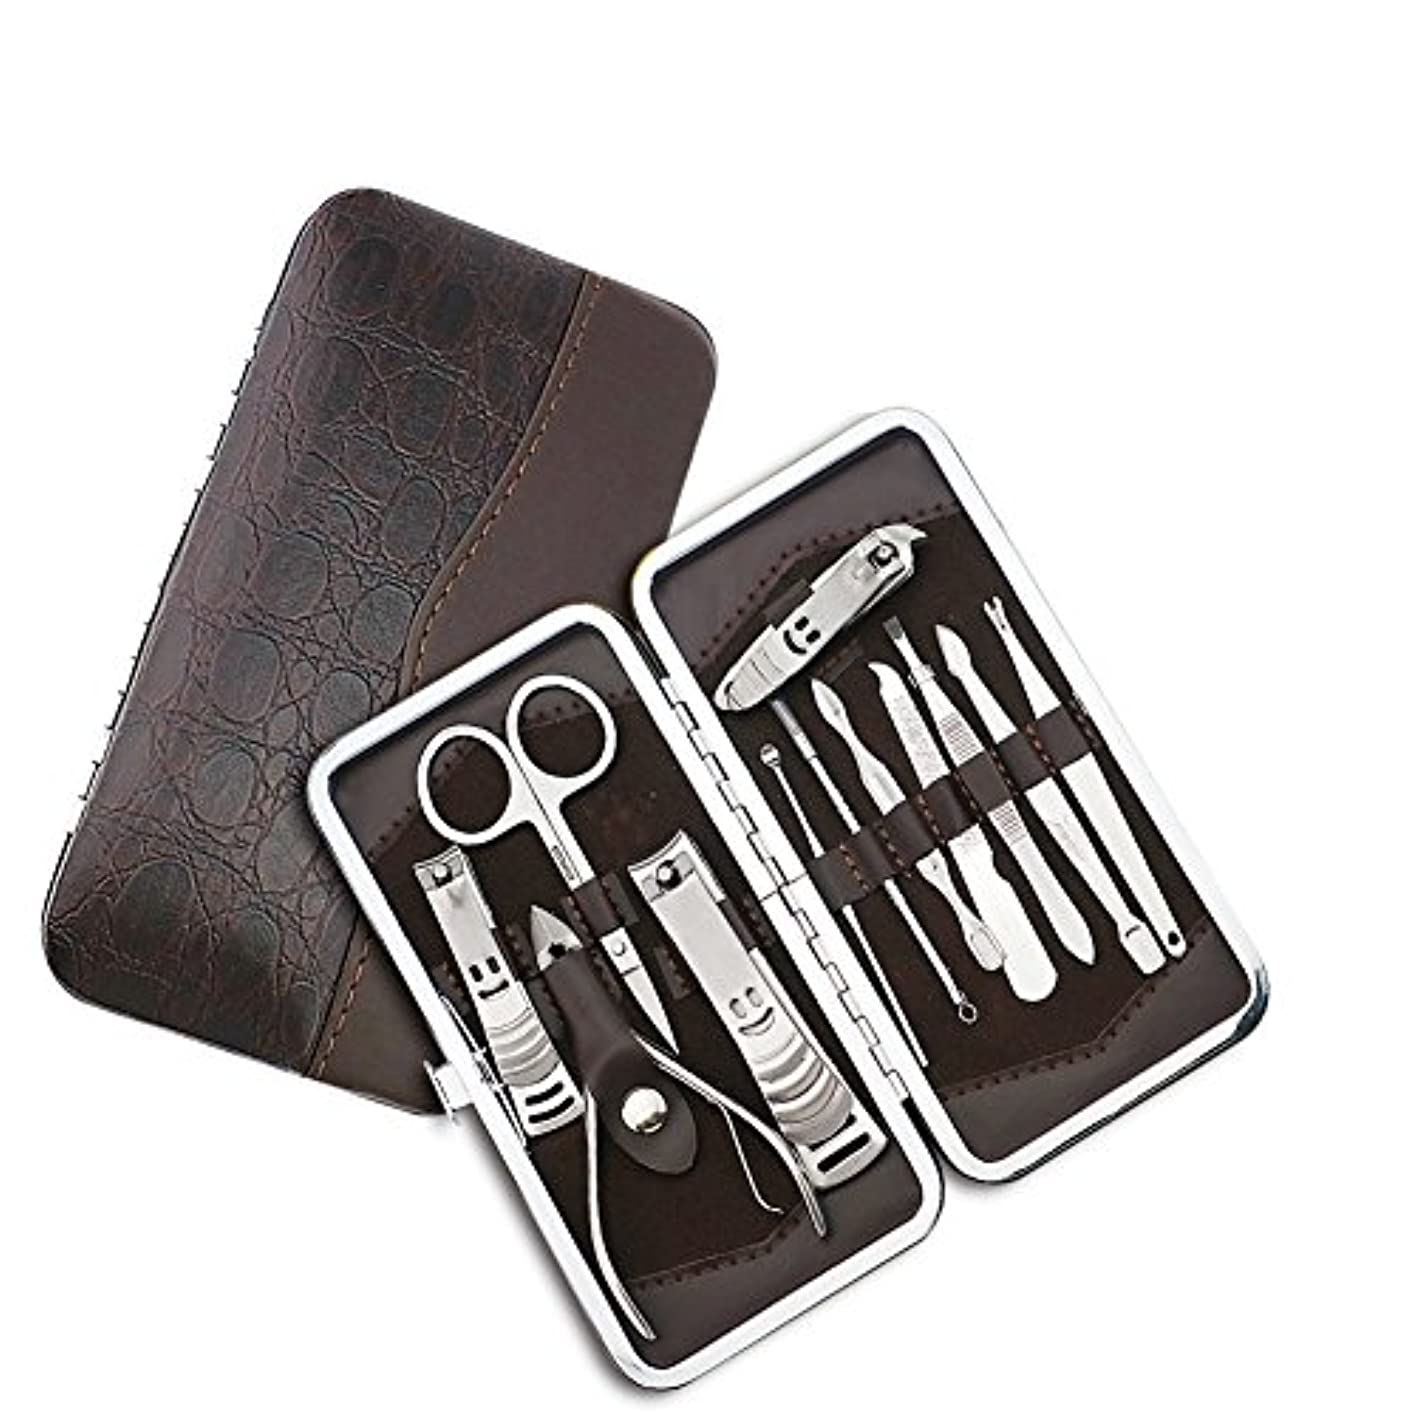 お気に入りモルヒネ学生ネイルはさみネイルクリッパートラベルセット、プロフェッショナルステンレスネイルケアセットベビーセーフネイルクリッパーパーソナルマニキュアセットペディキュアセットは、男性と女性のための指、手足で使用爪切り